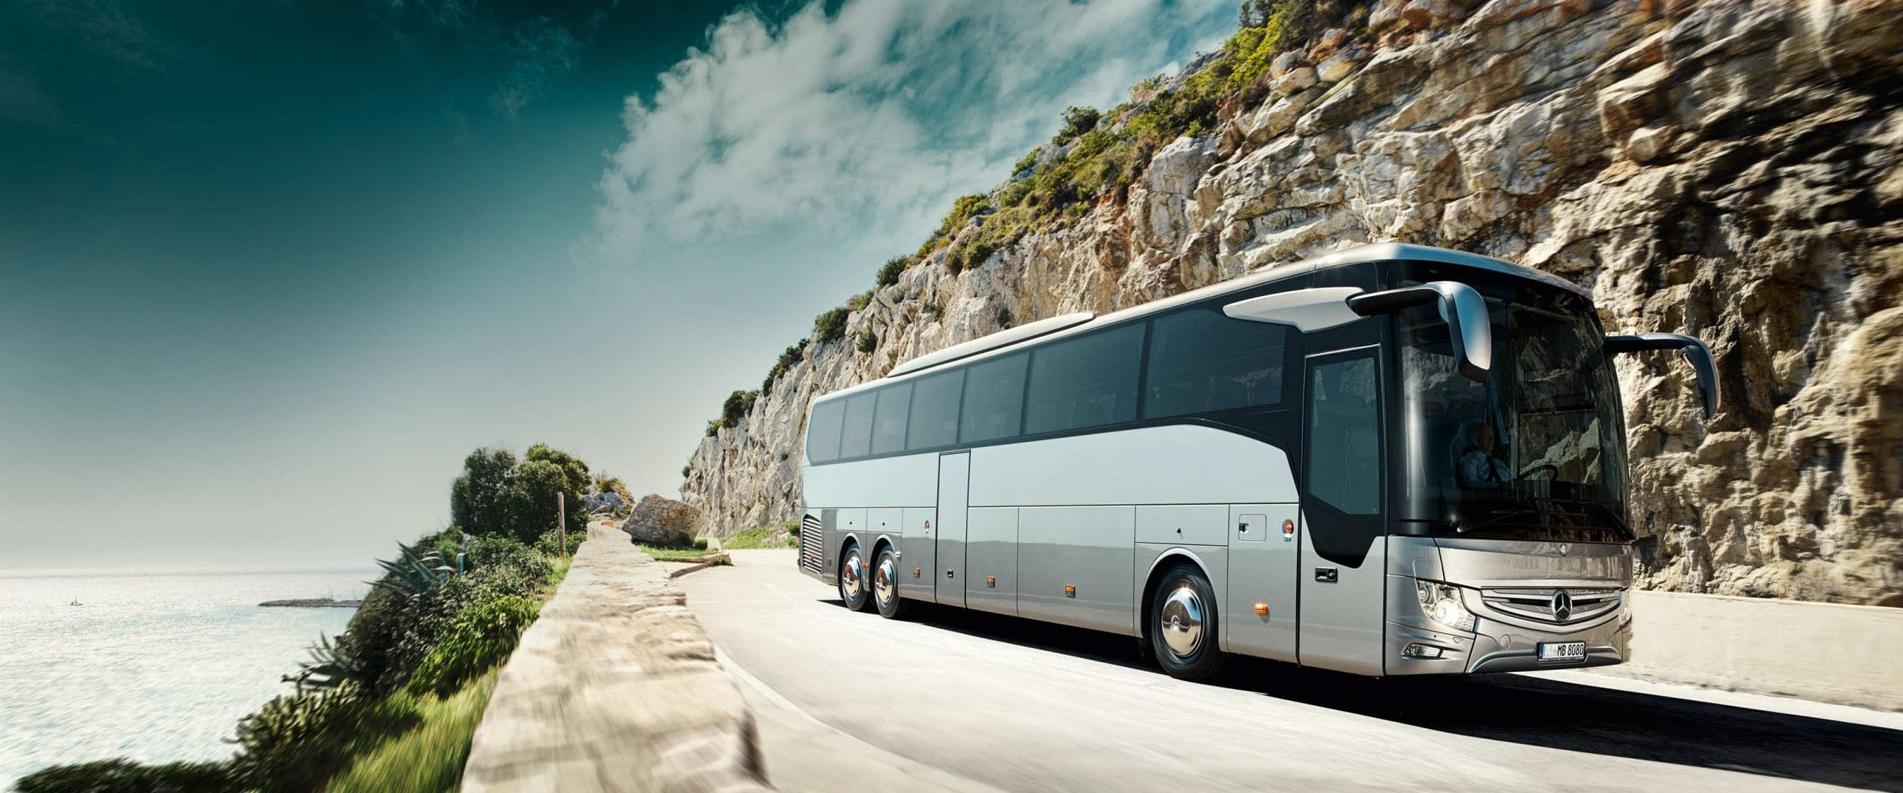 Путешествия из Лимассола по Кипру на рейсовом автобусе